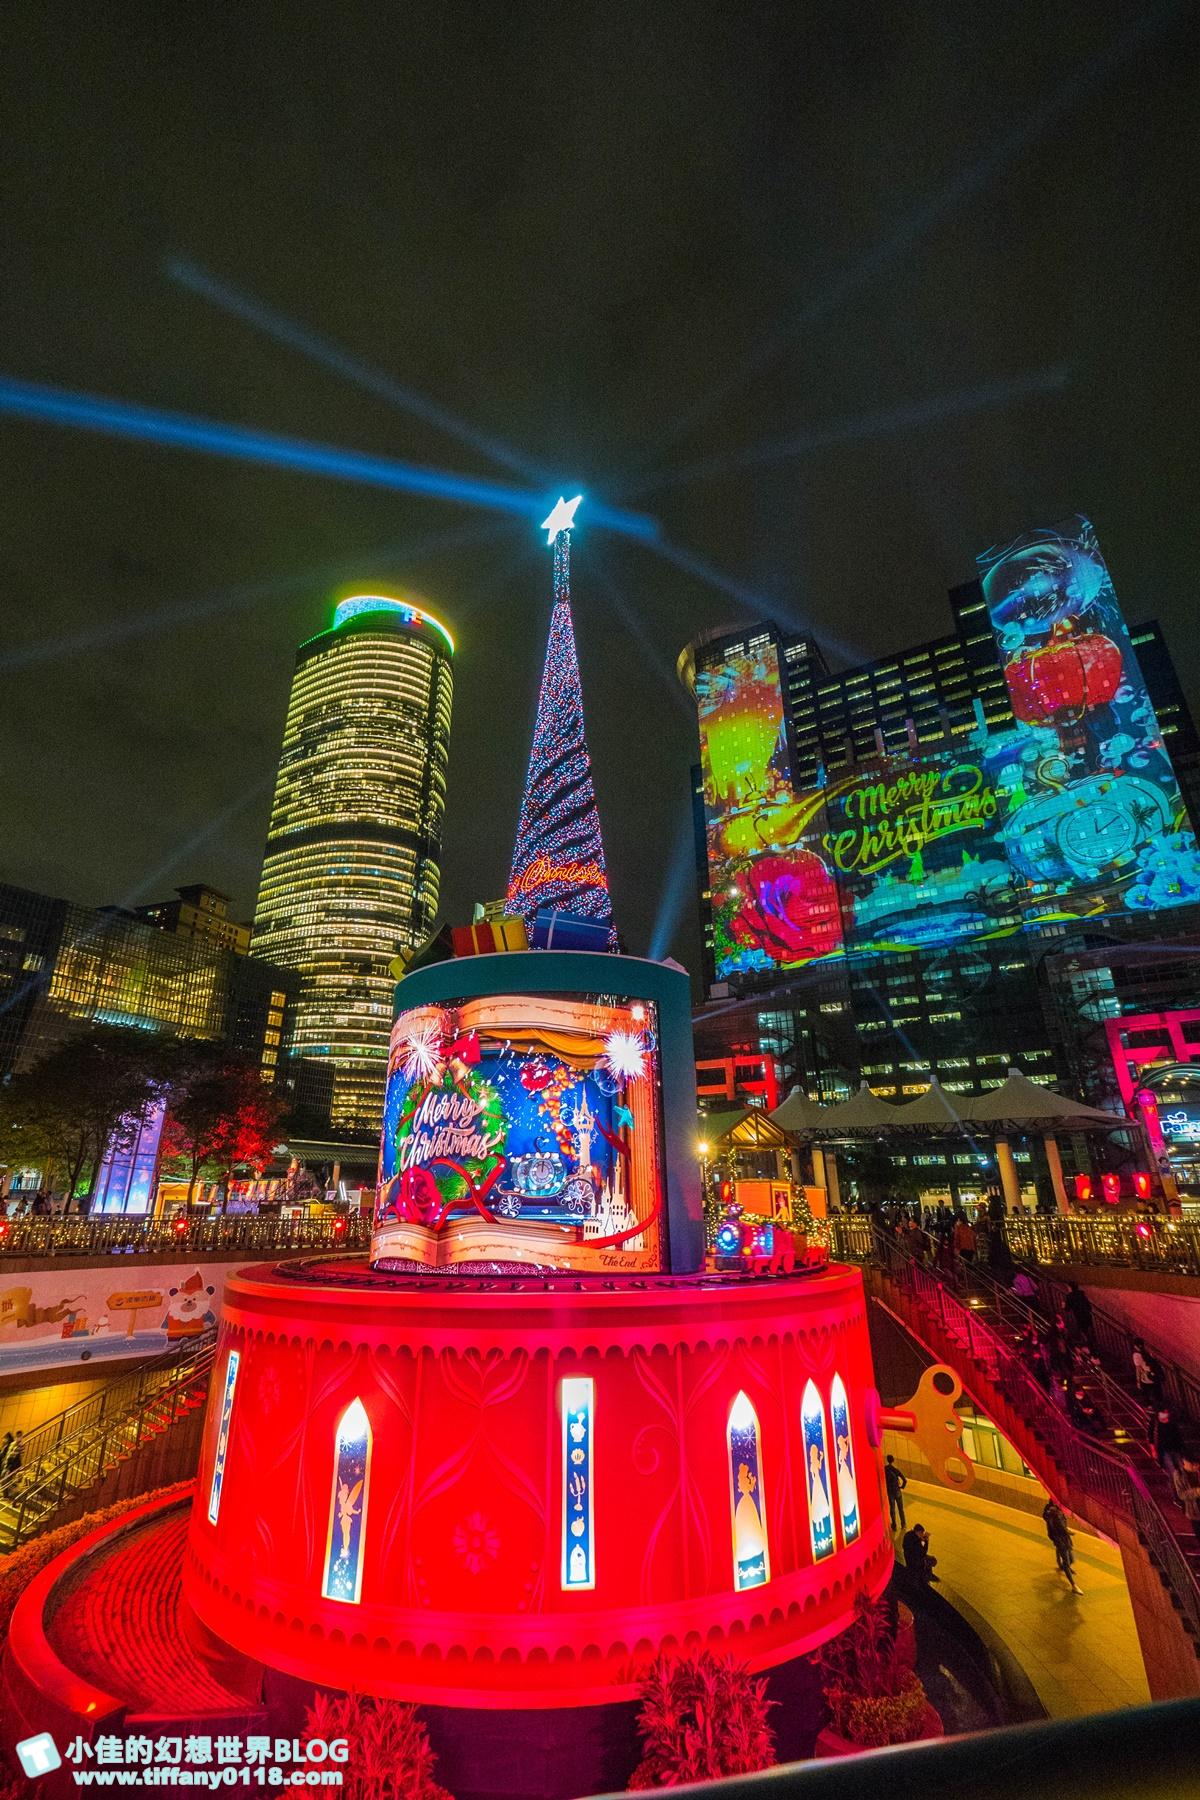 2020新北耶誕城x迪士尼/四大燈區+八大絕美燈廊+迪士尼裝置藝術總整理/教你怎麼玩怎麼去